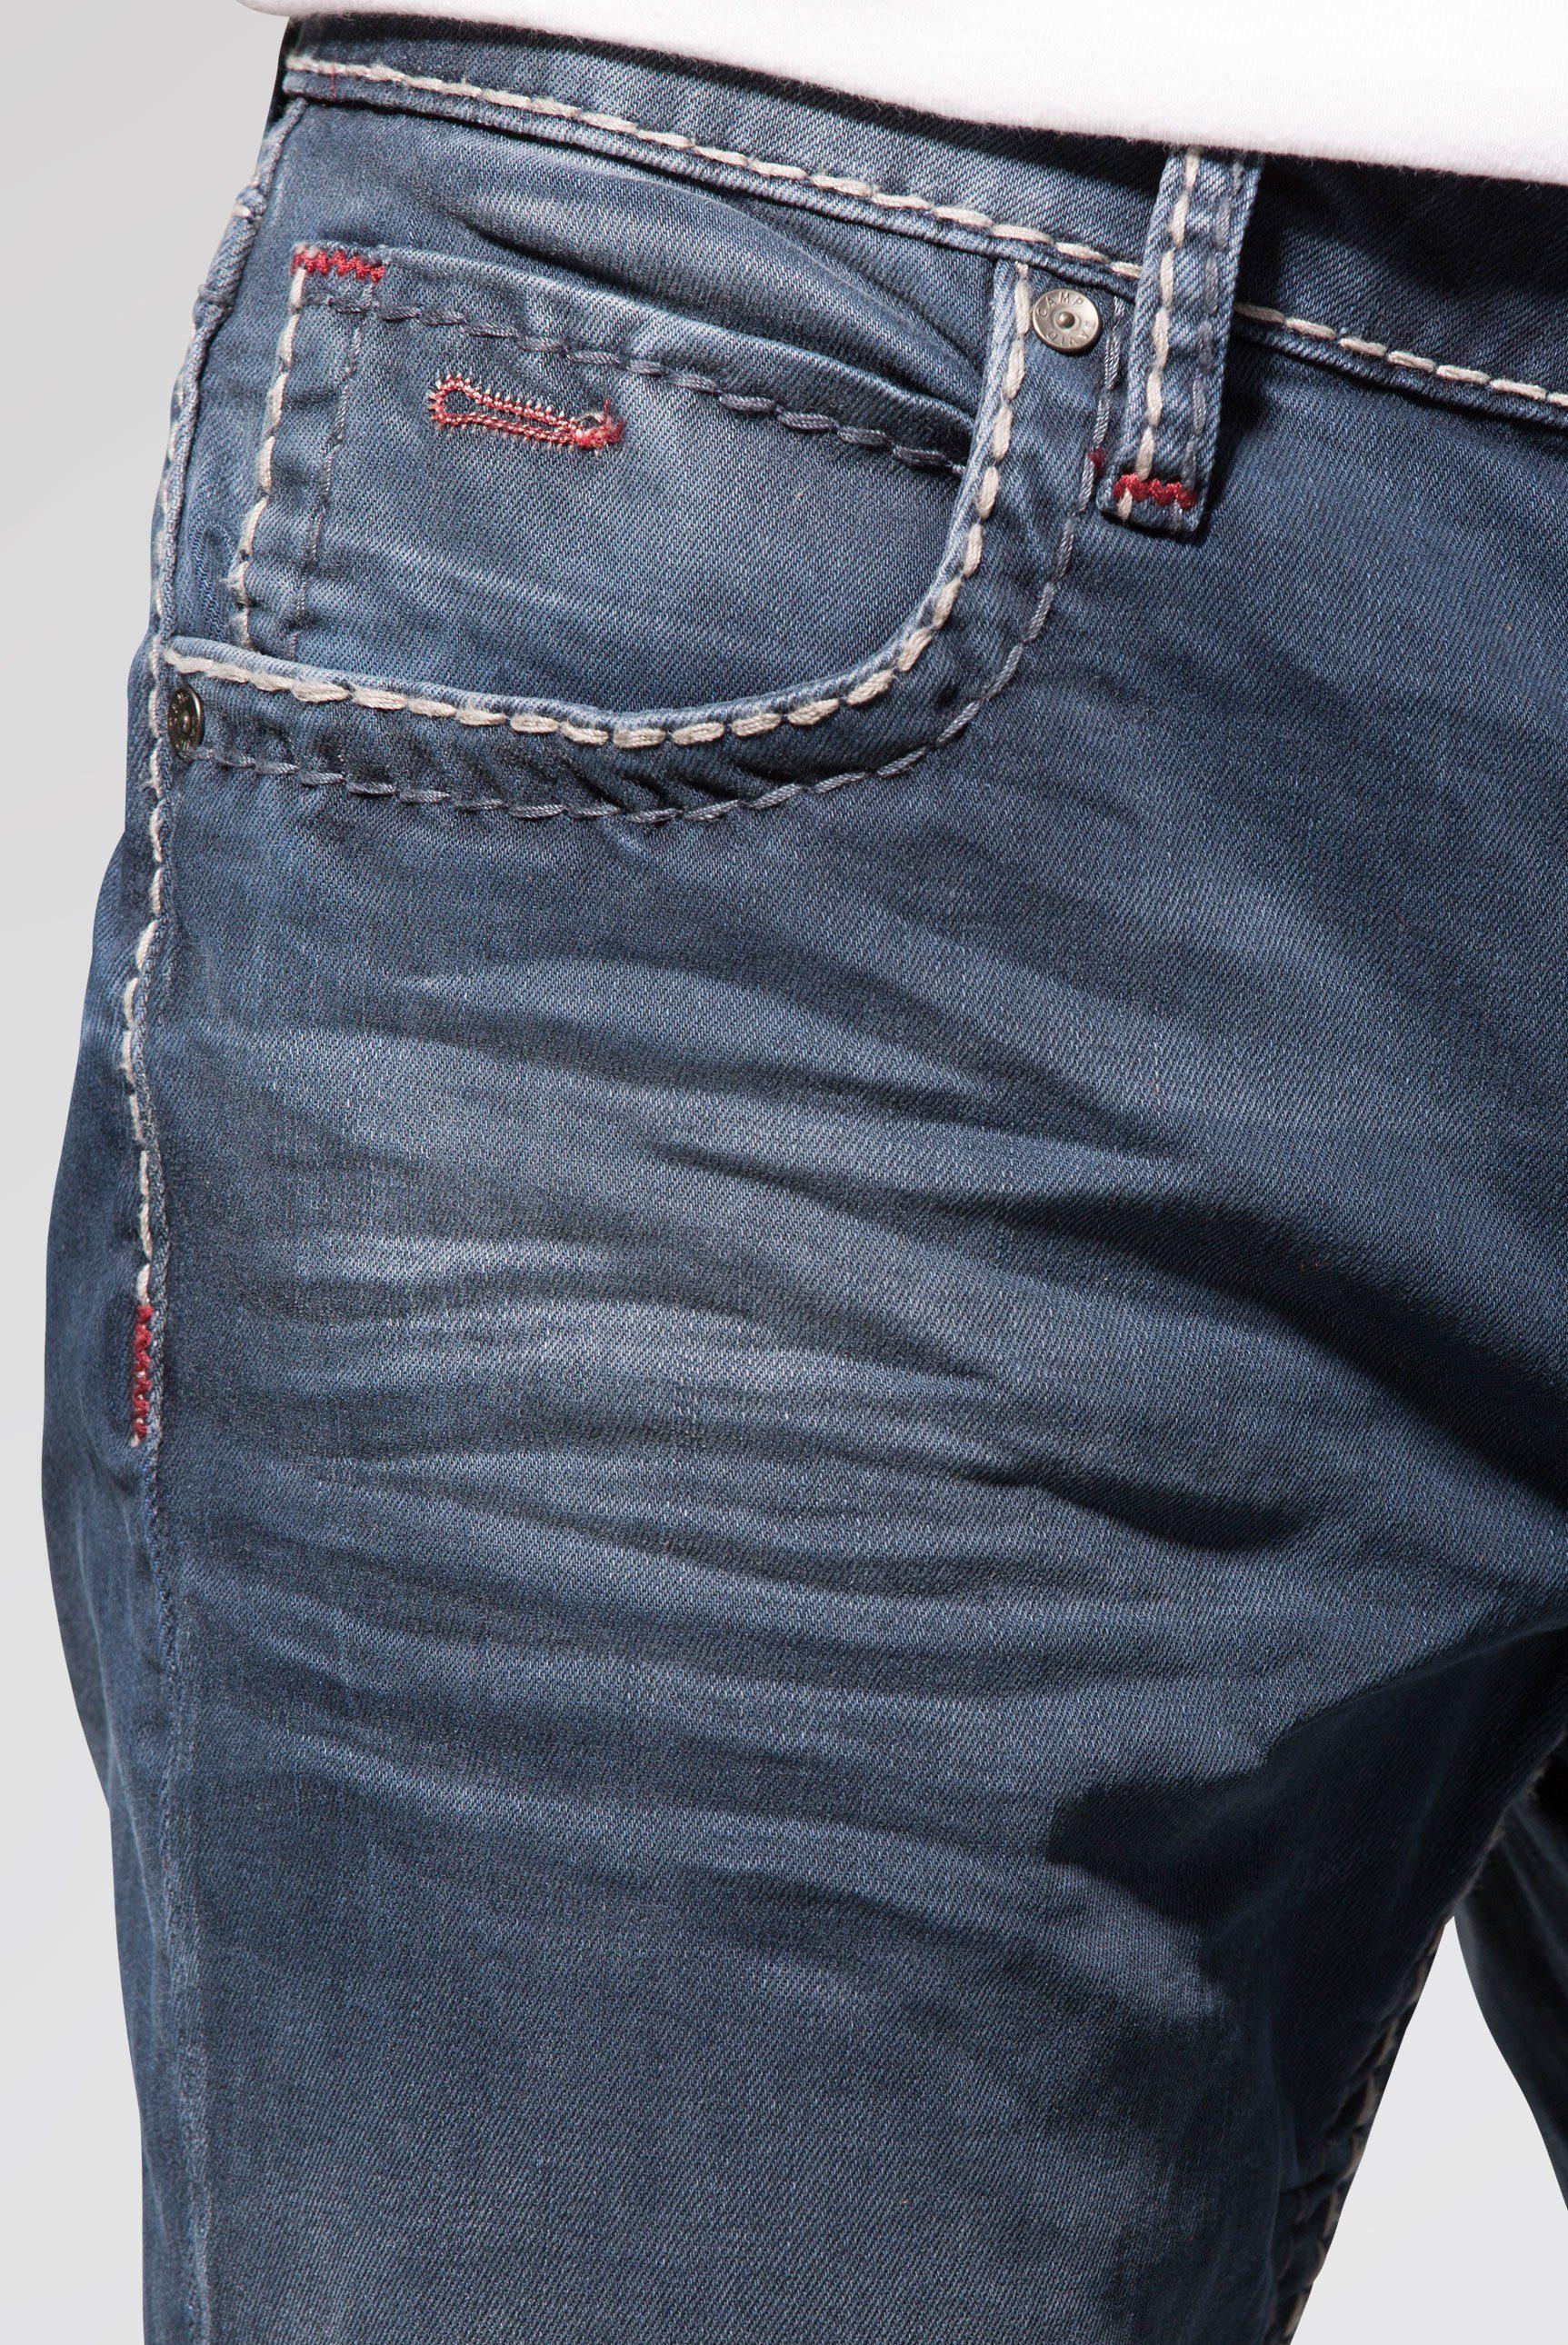 Münztasche Camp pocket jeans Ziernaht Mit David 5 Ygbf67yv